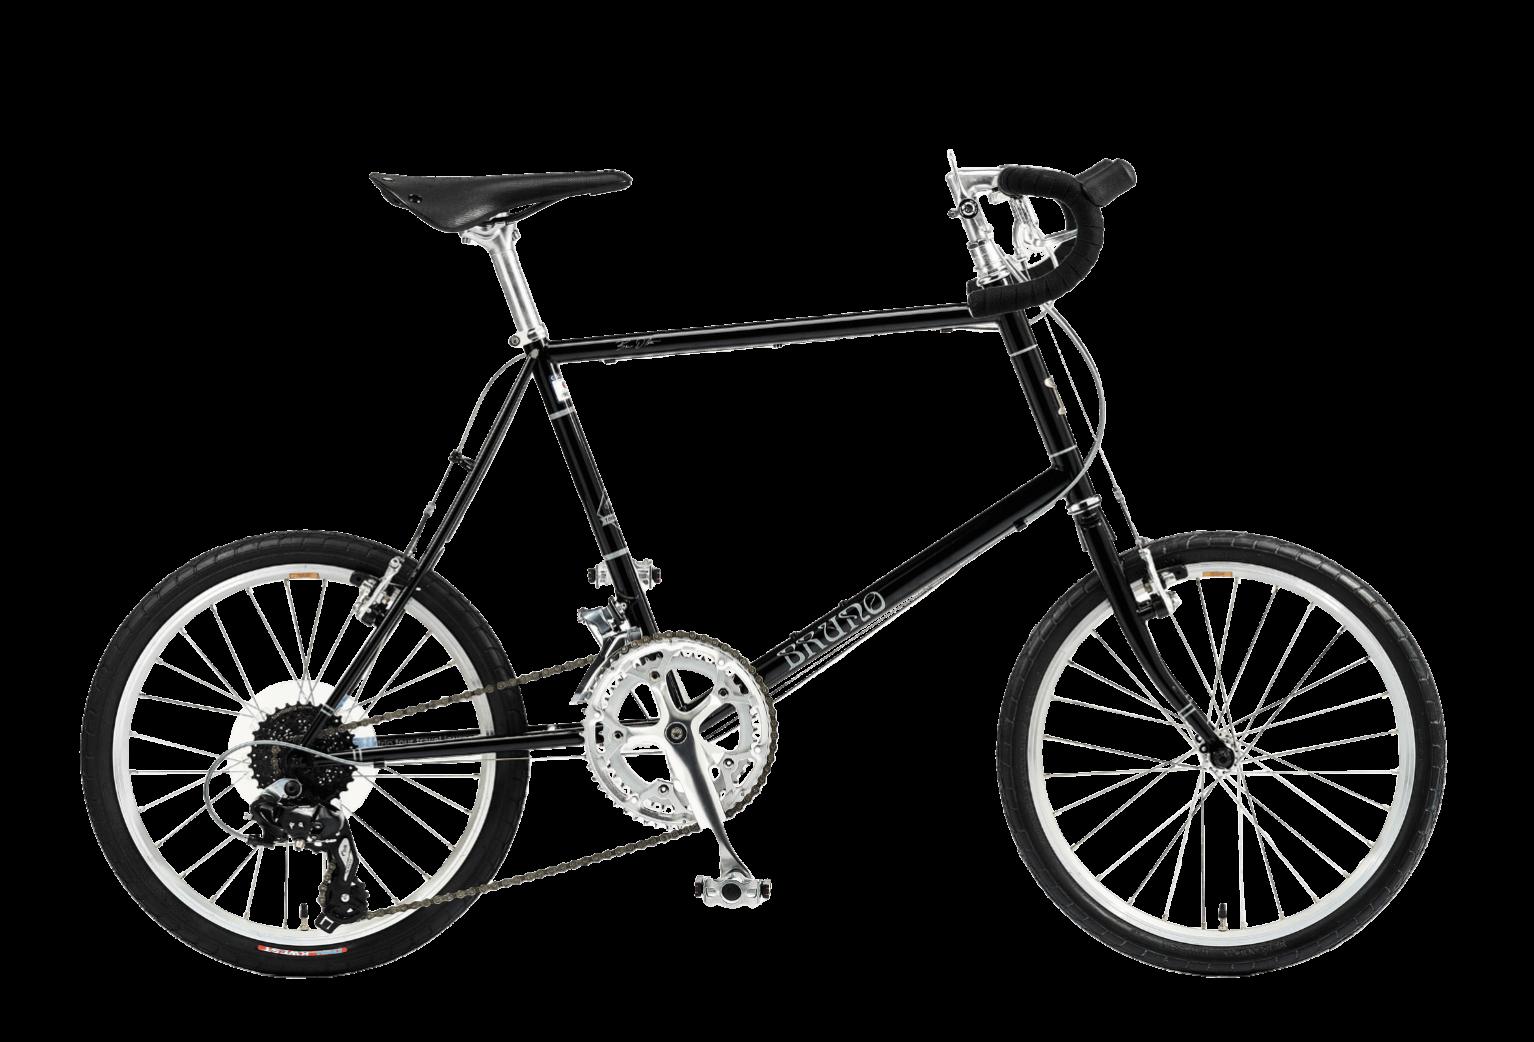 20インチの黒の自転車ミニベロロードドロップ